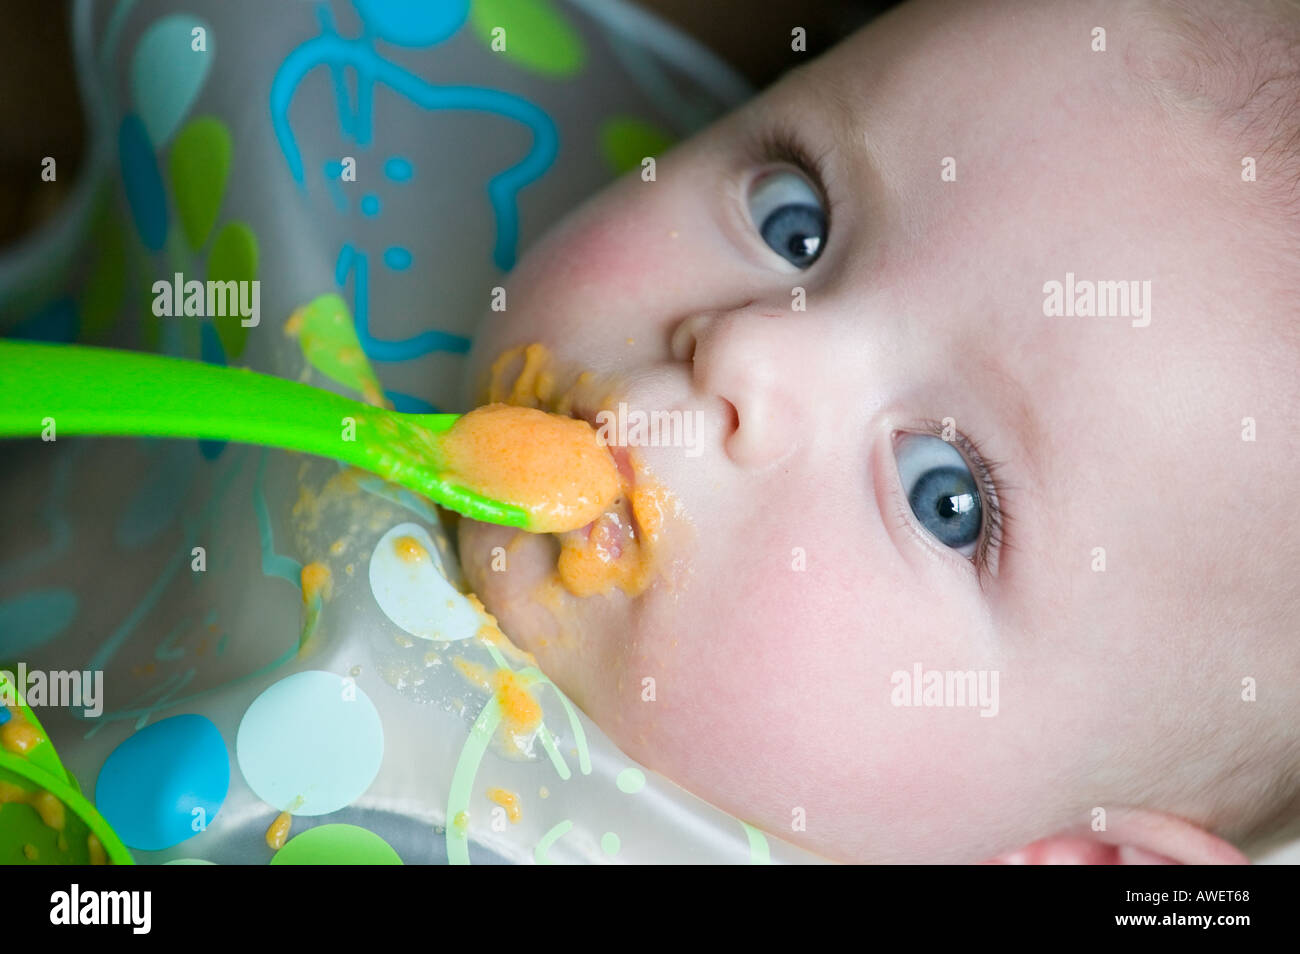 Un mes de antigüedad ffive Baby Boy intenta comer alimentos sólidos por primera vez Imagen De Stock